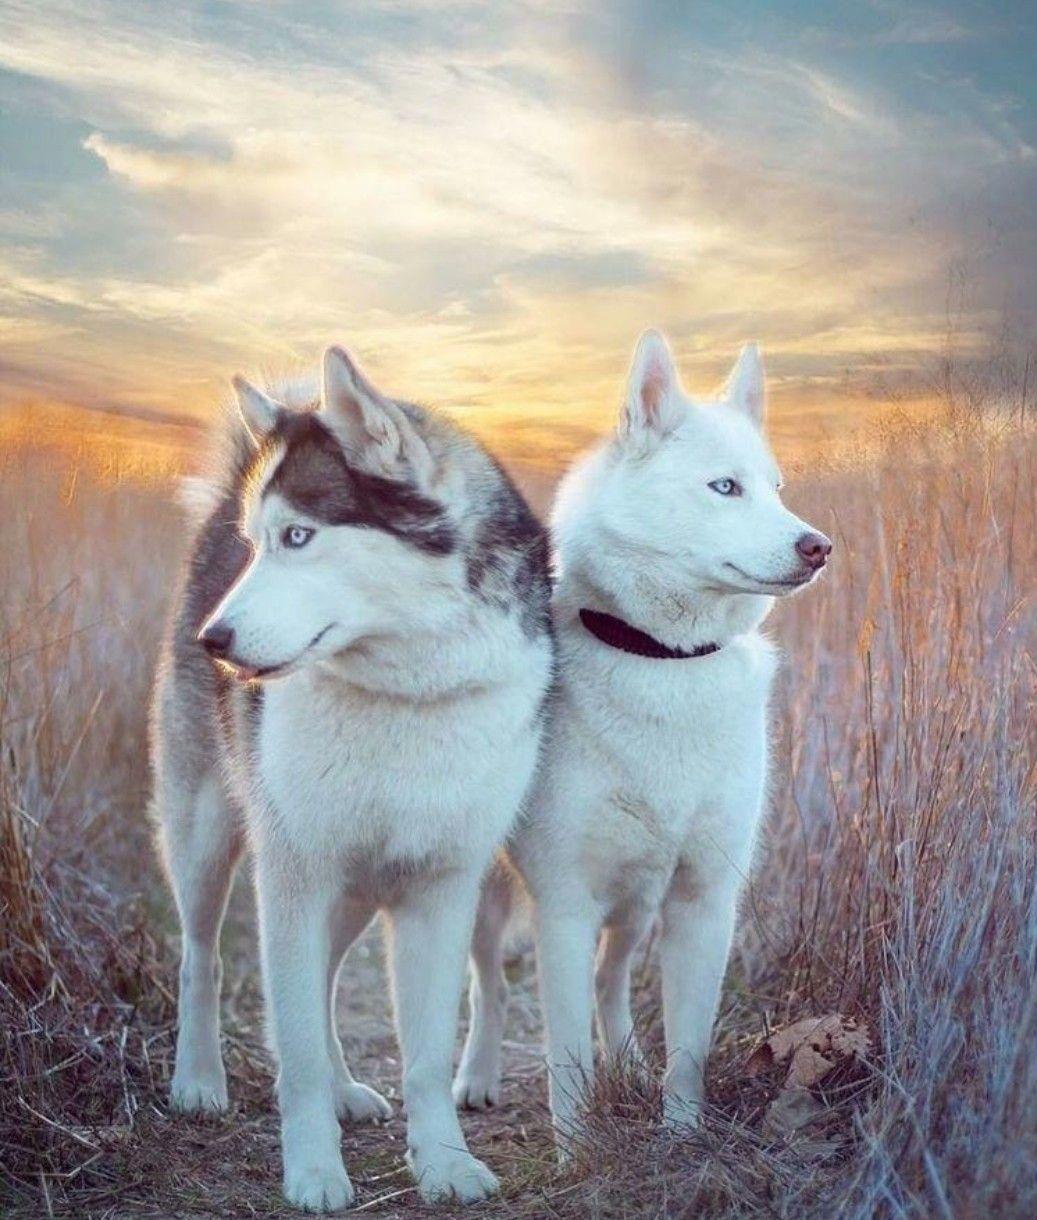 huskies 68 61 gliac win - HD1037×1220